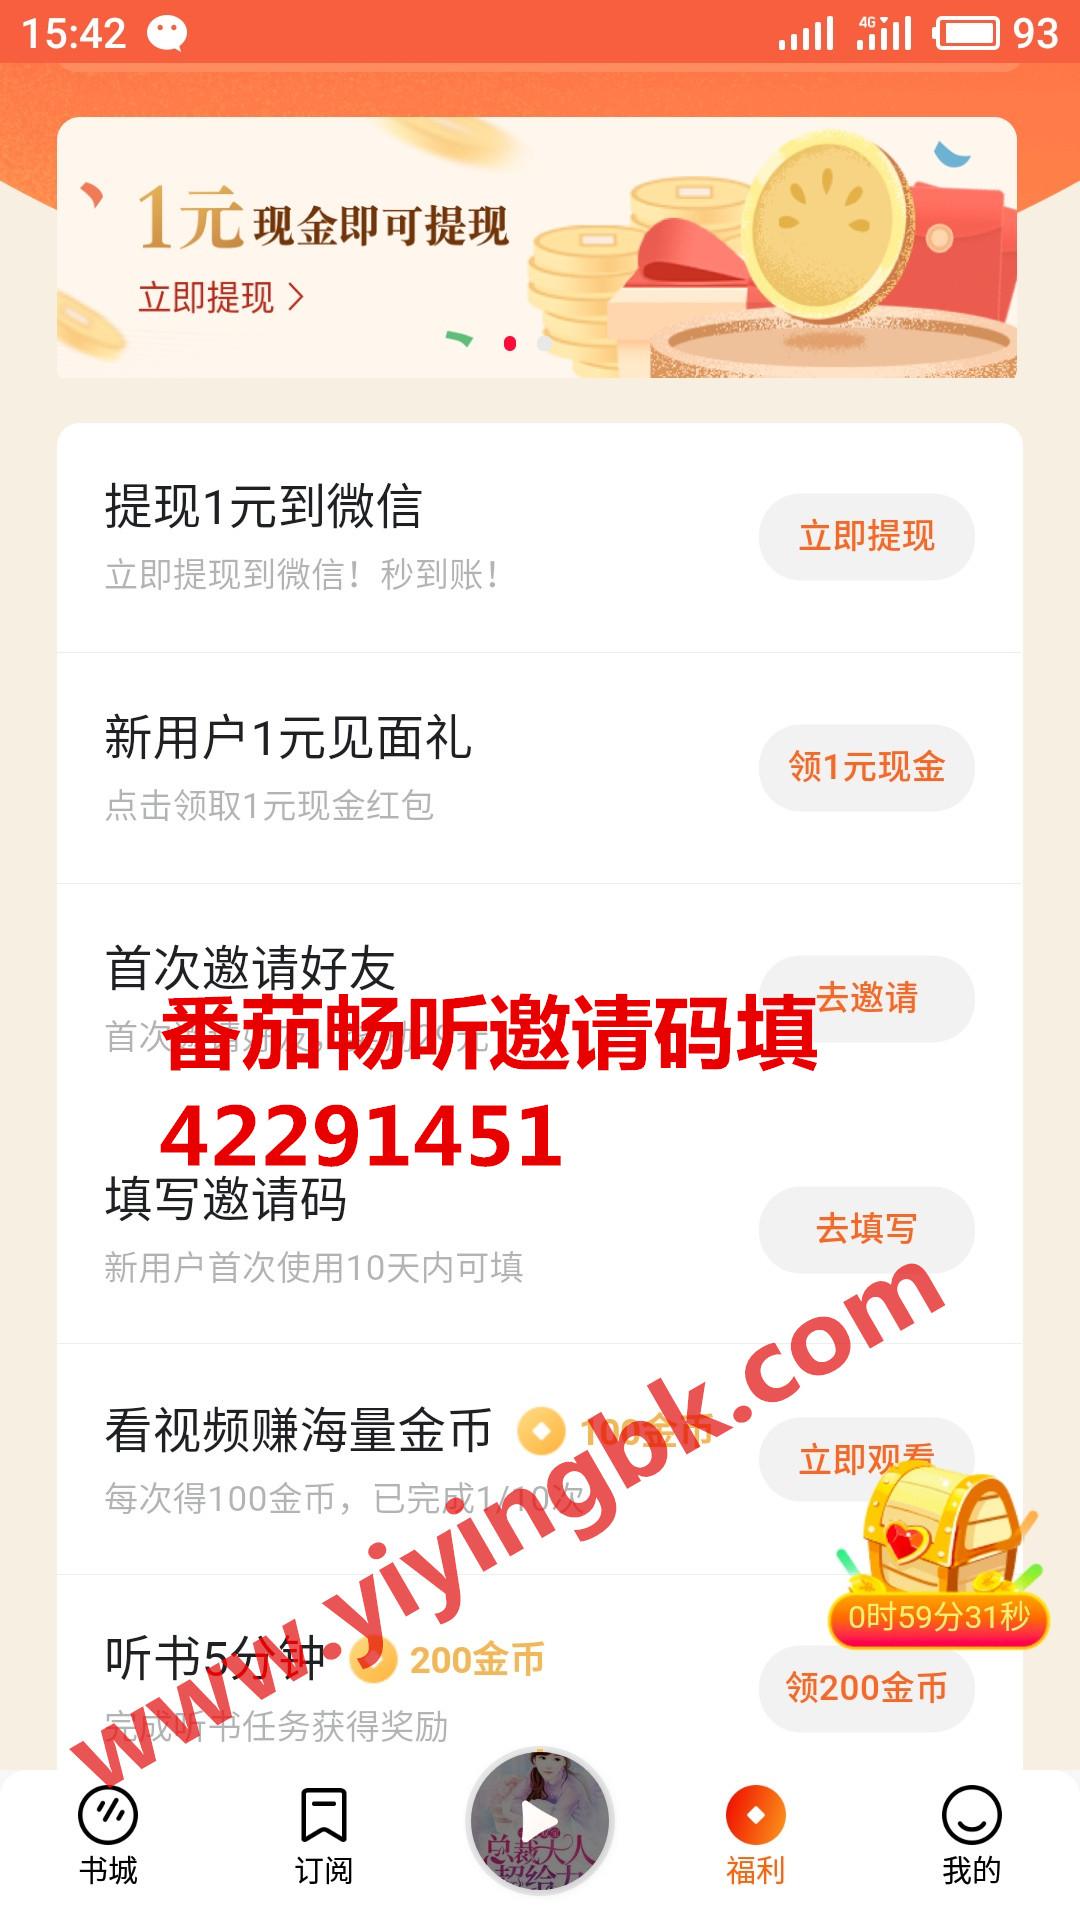 免费听小说看小说领红包赚零花钱,1元就能提现微信和支付宝。www.yiyingbk.com